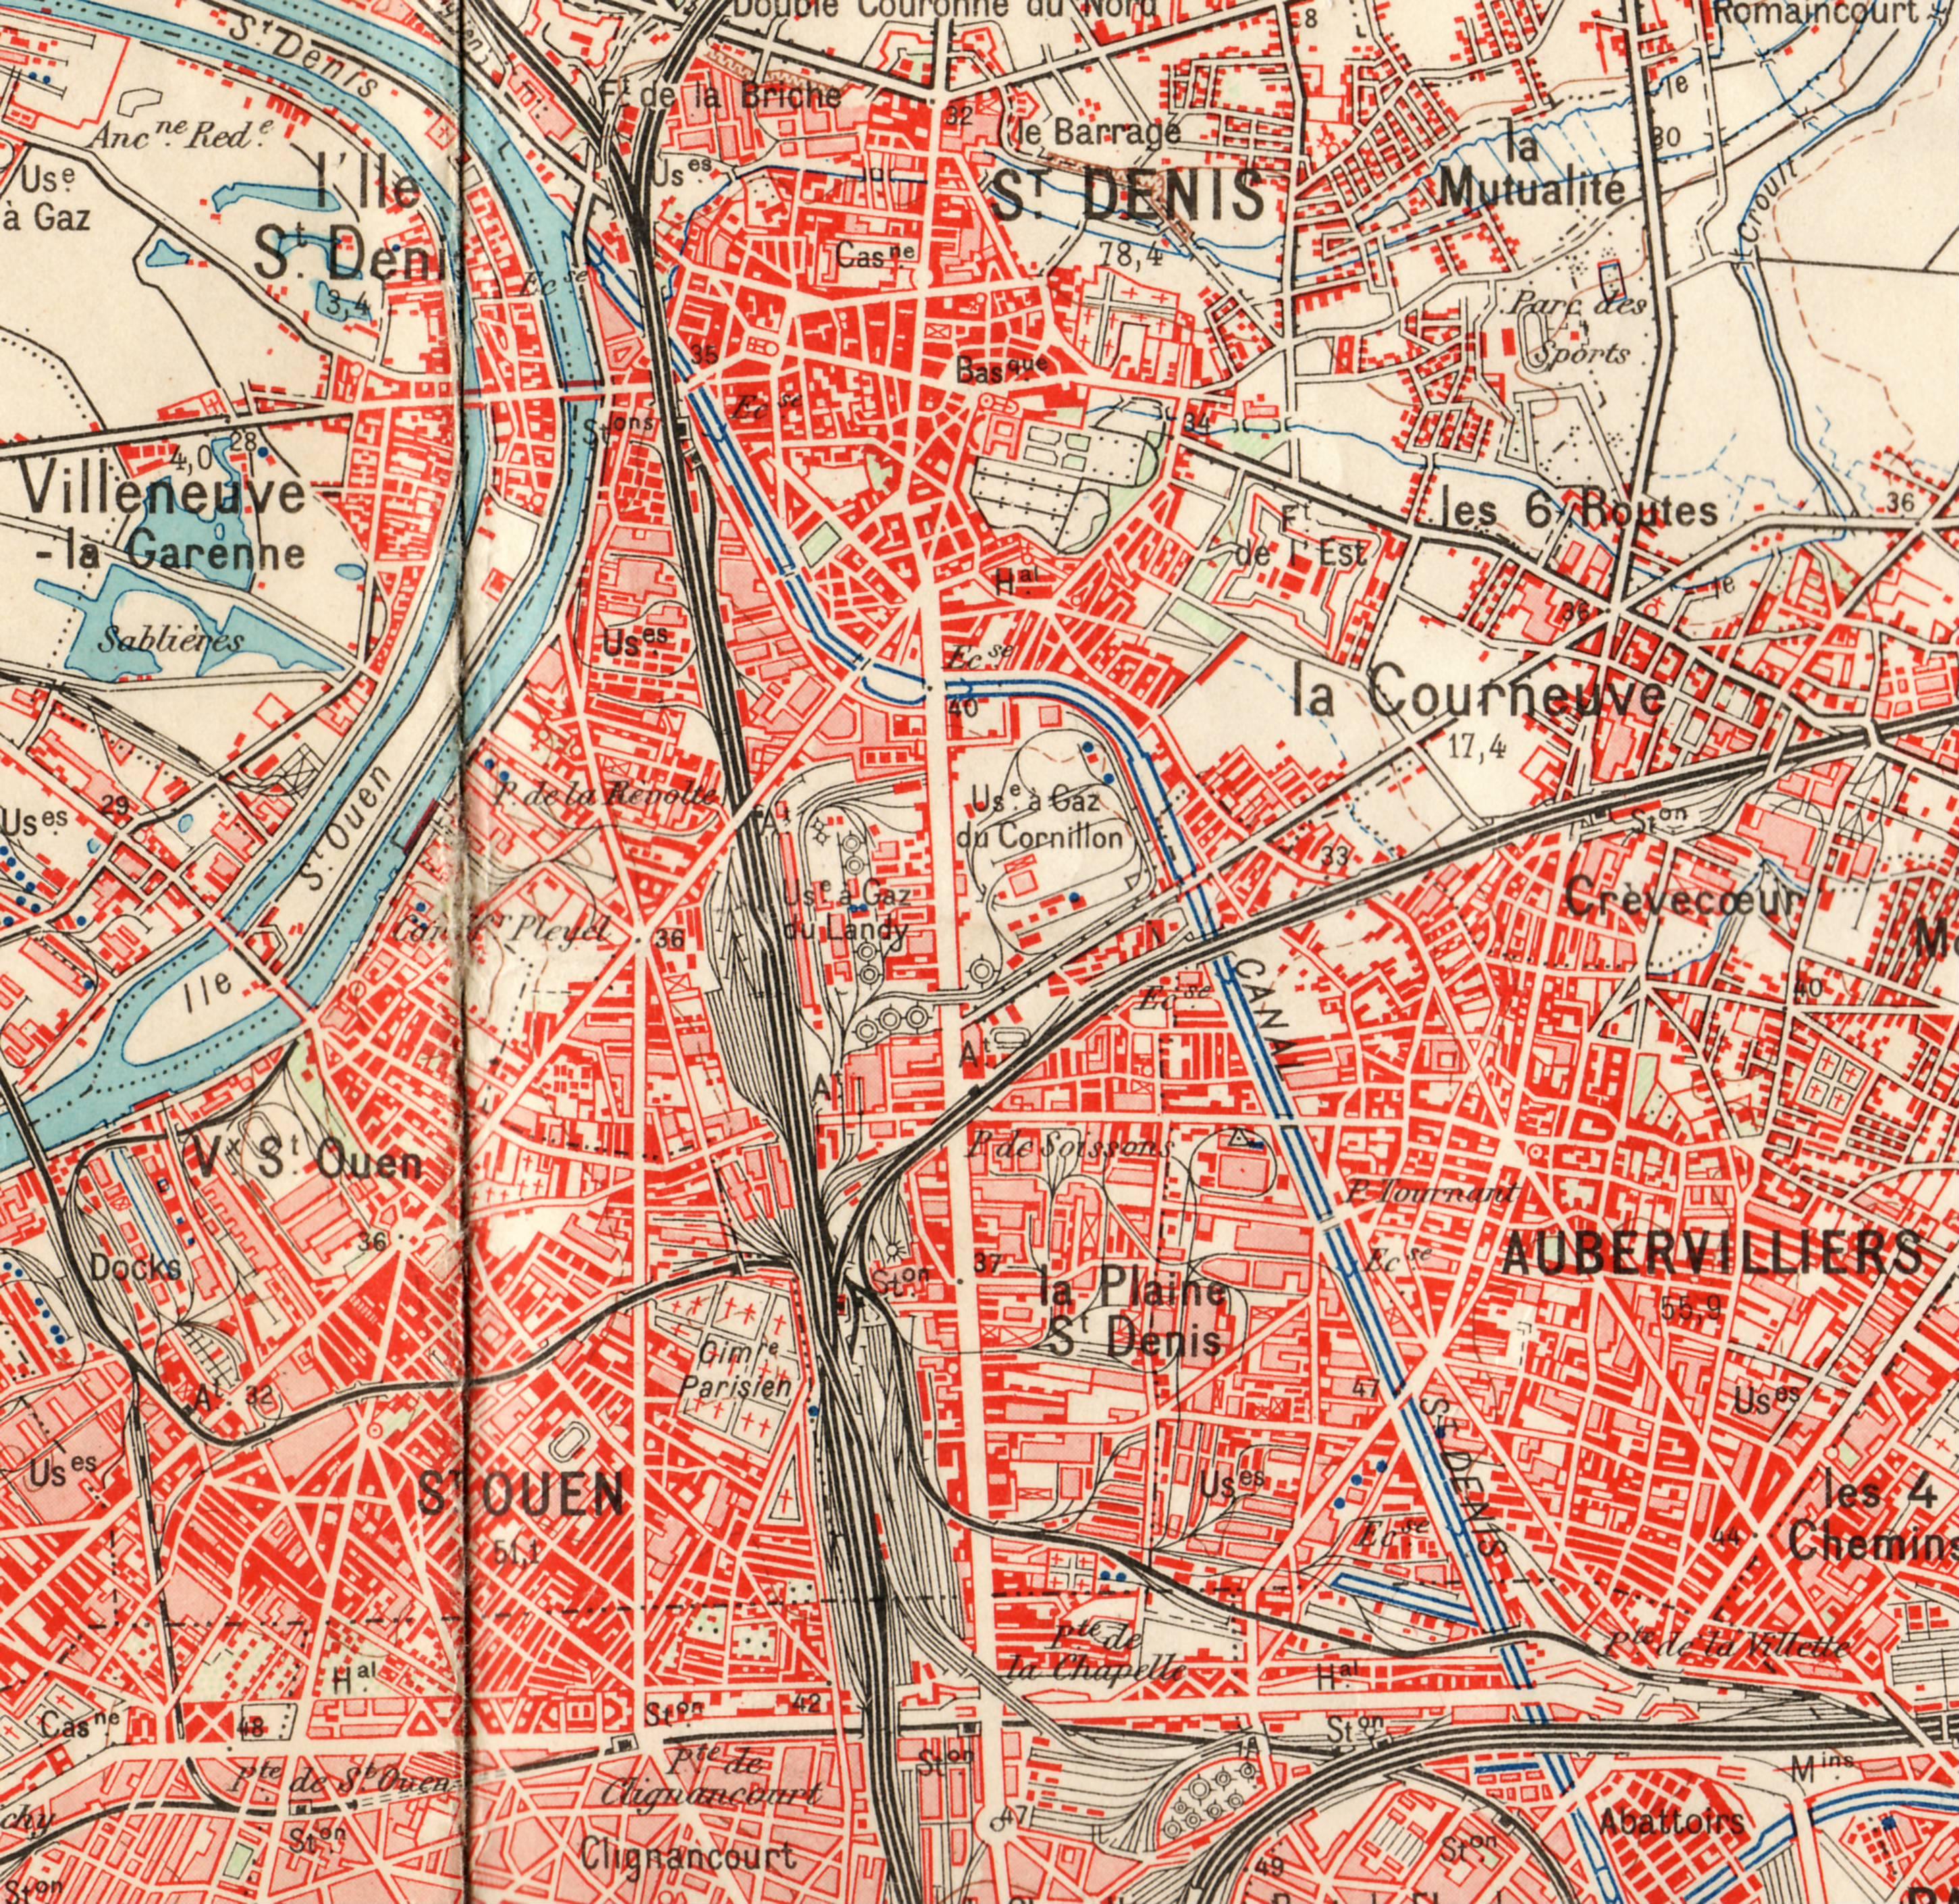 Ville De Saint Denis Emploi